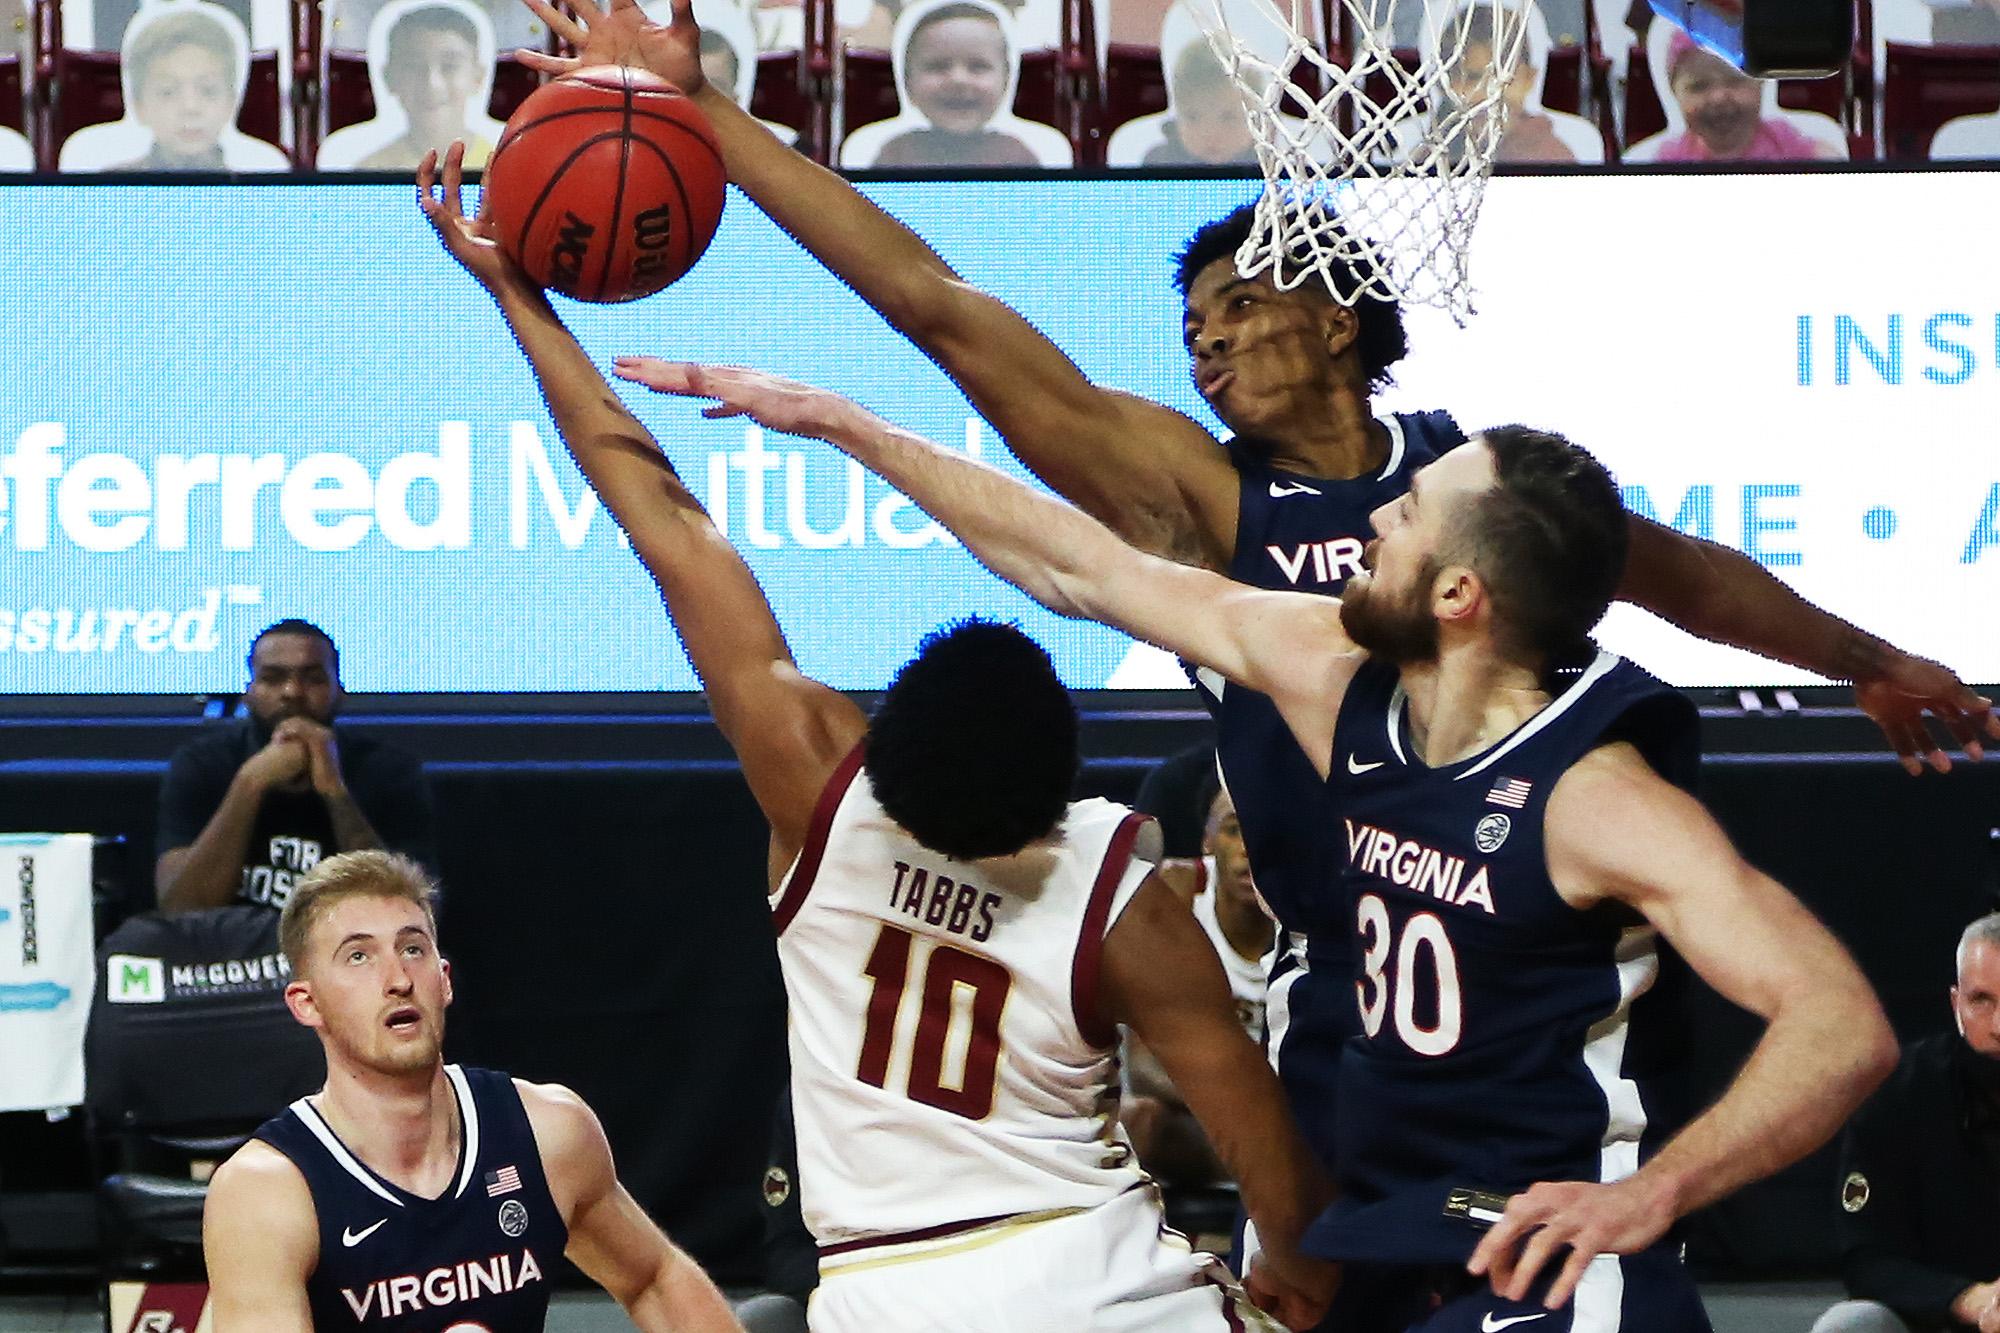 Virginia is 3-0 in ACC play.